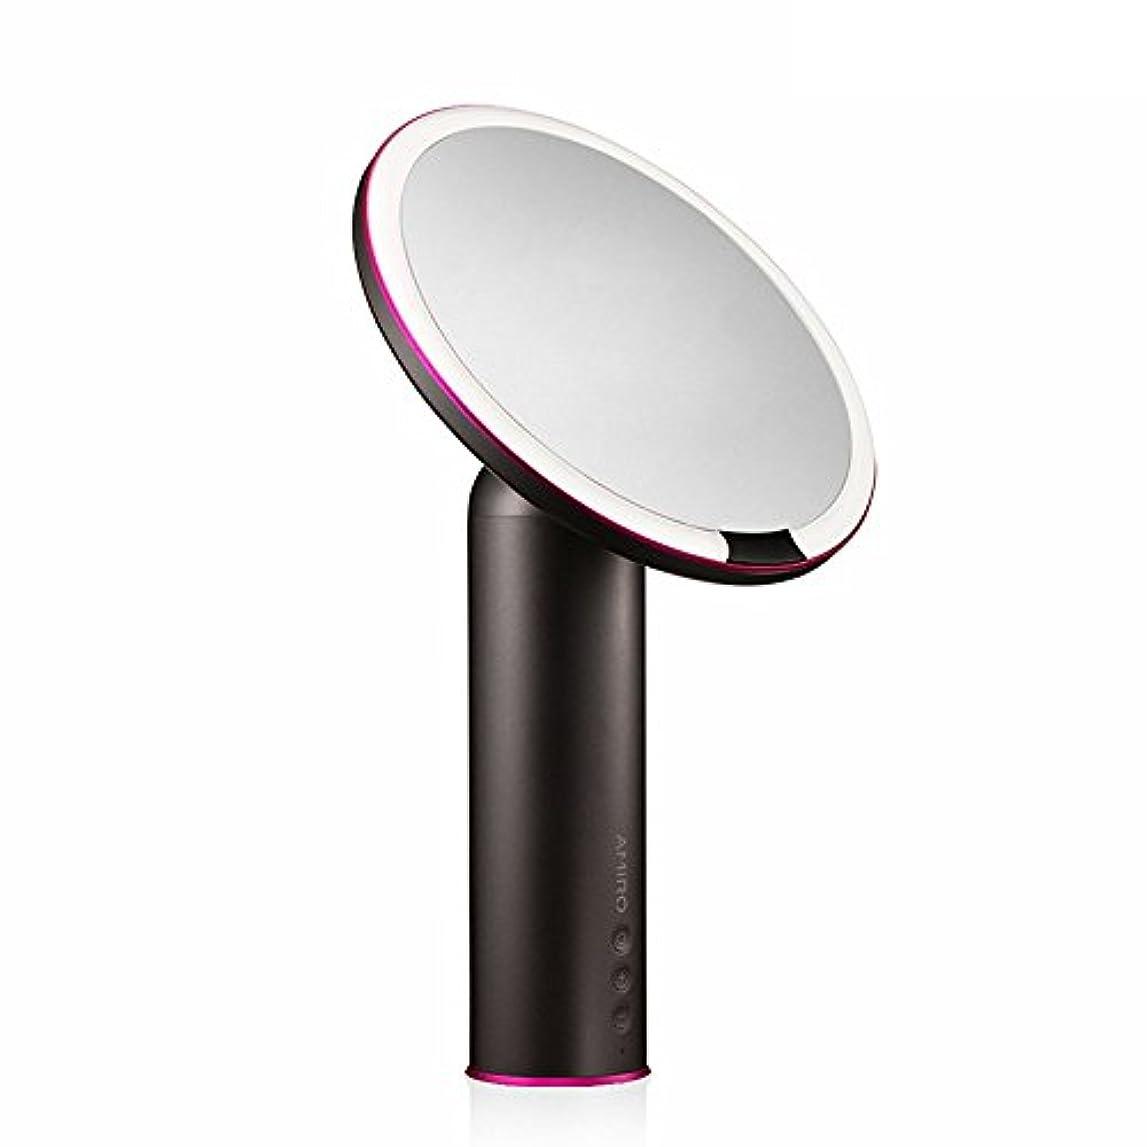 誇大妄想遅れおじさんAMIRO LED化粧鏡 人感センサー付き 化粧ミラー LEDライト付き 卓上鏡 女優ミラー 3段階明るさ調節可能 コードレス 充電式